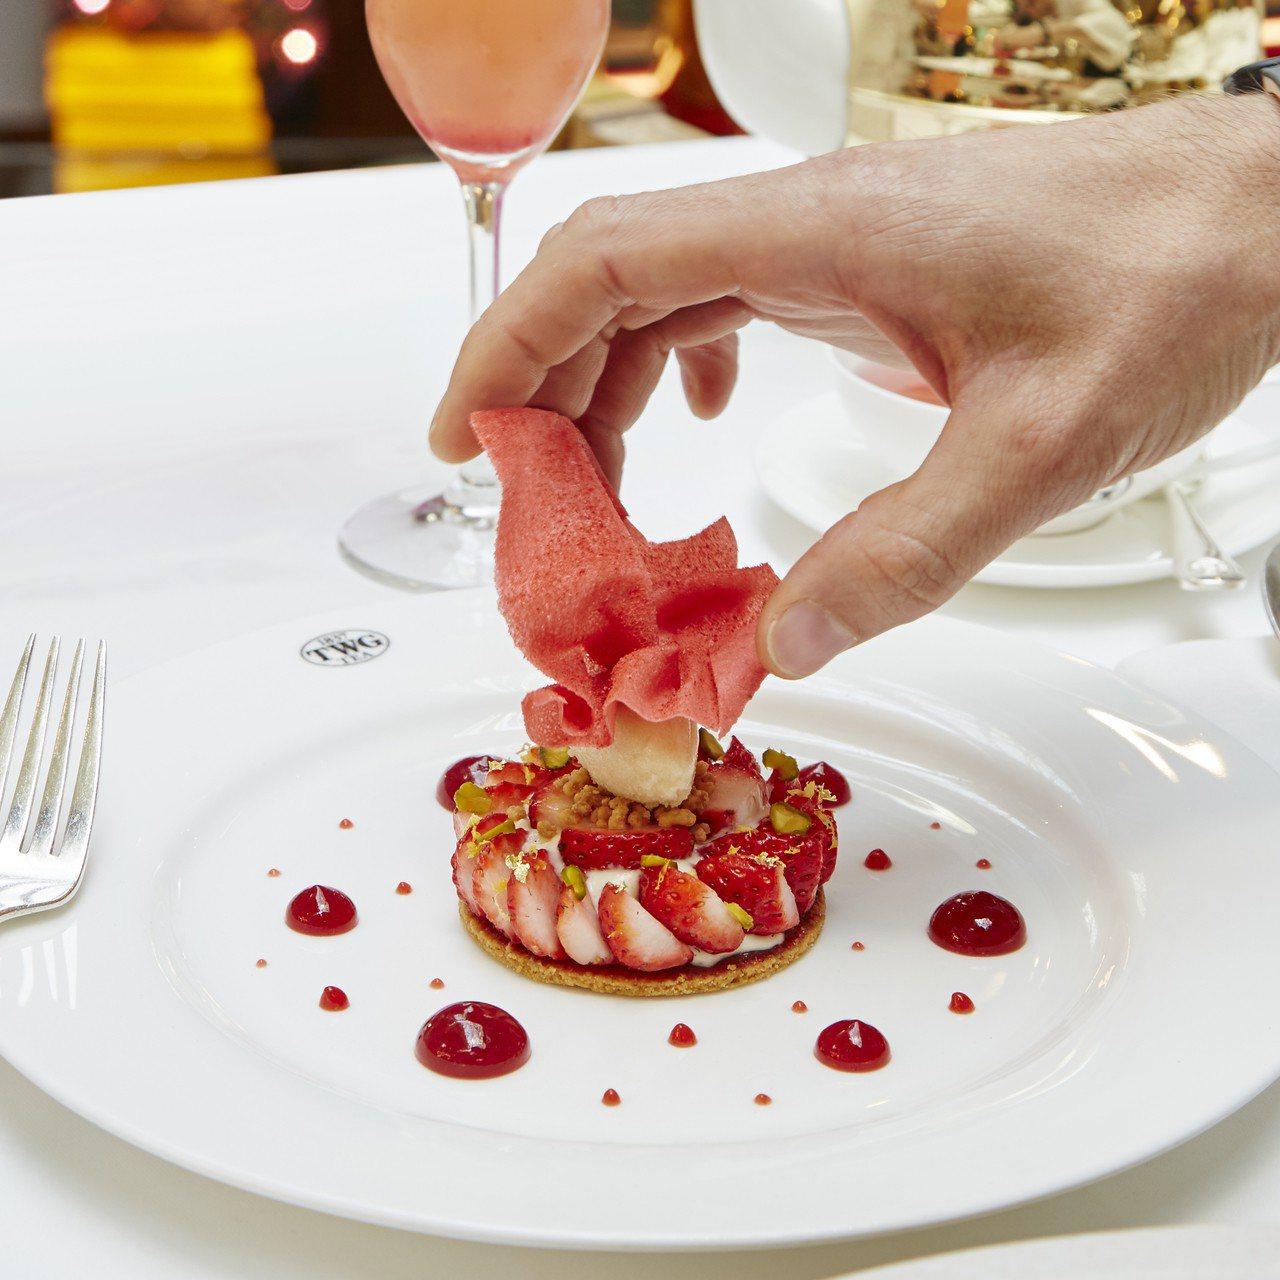 草莓開心果塔佐大黃根雪酪。圖/TWG Tea提供